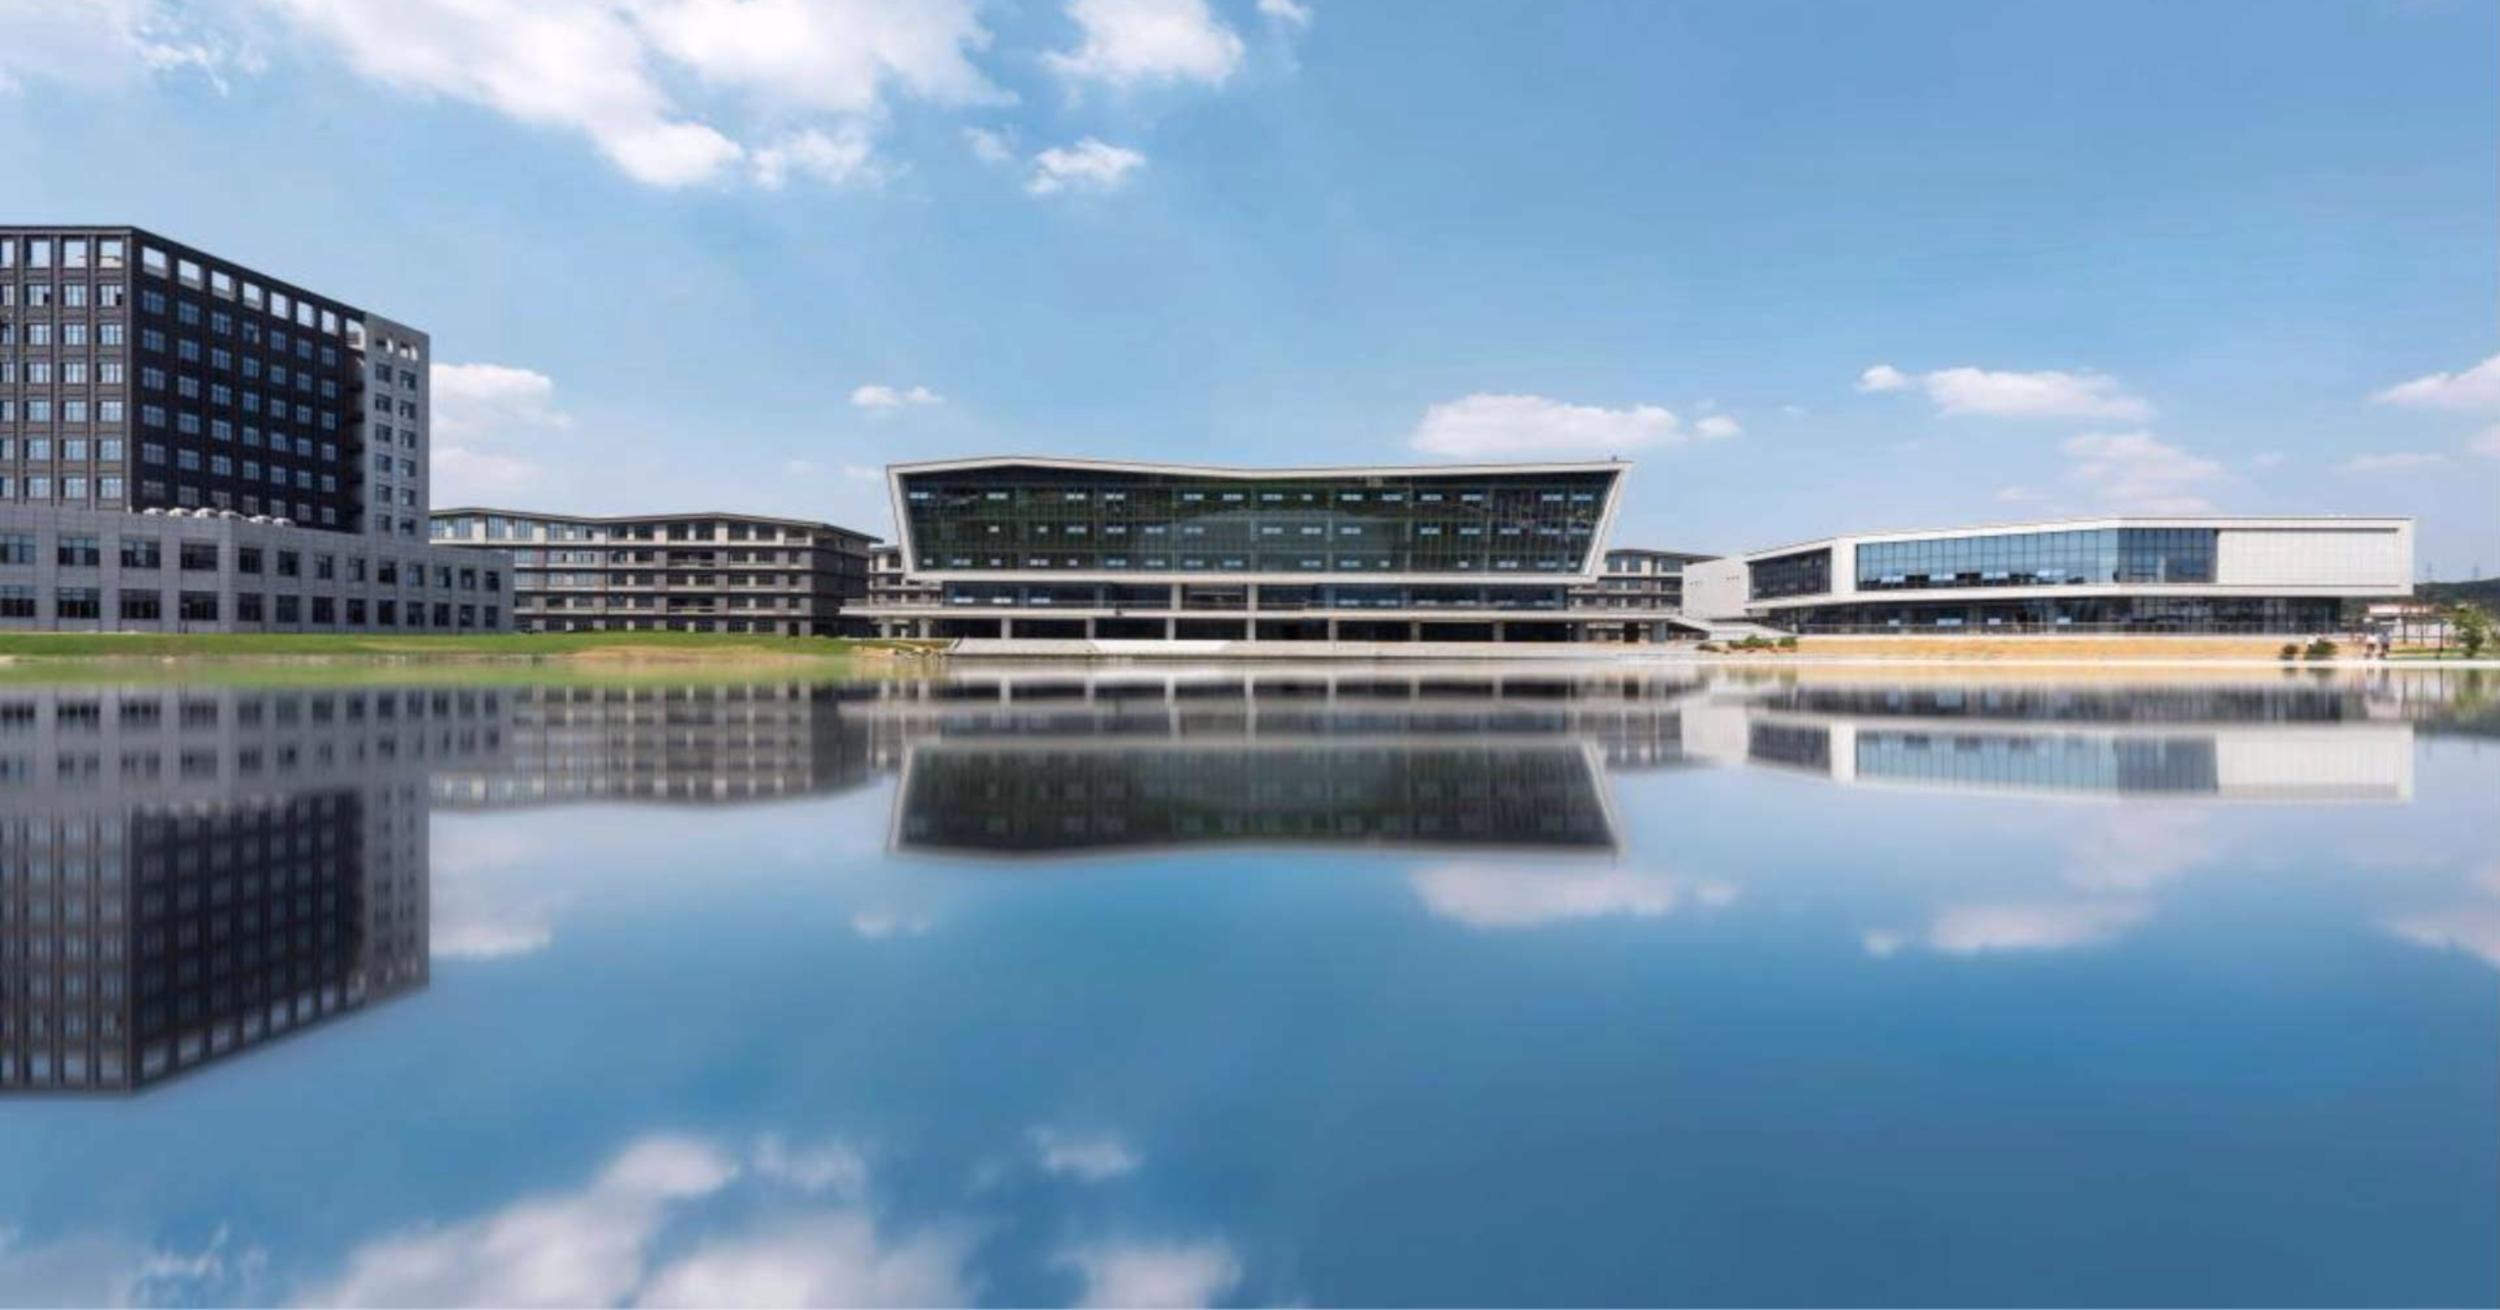 Zhejiang Shuren University